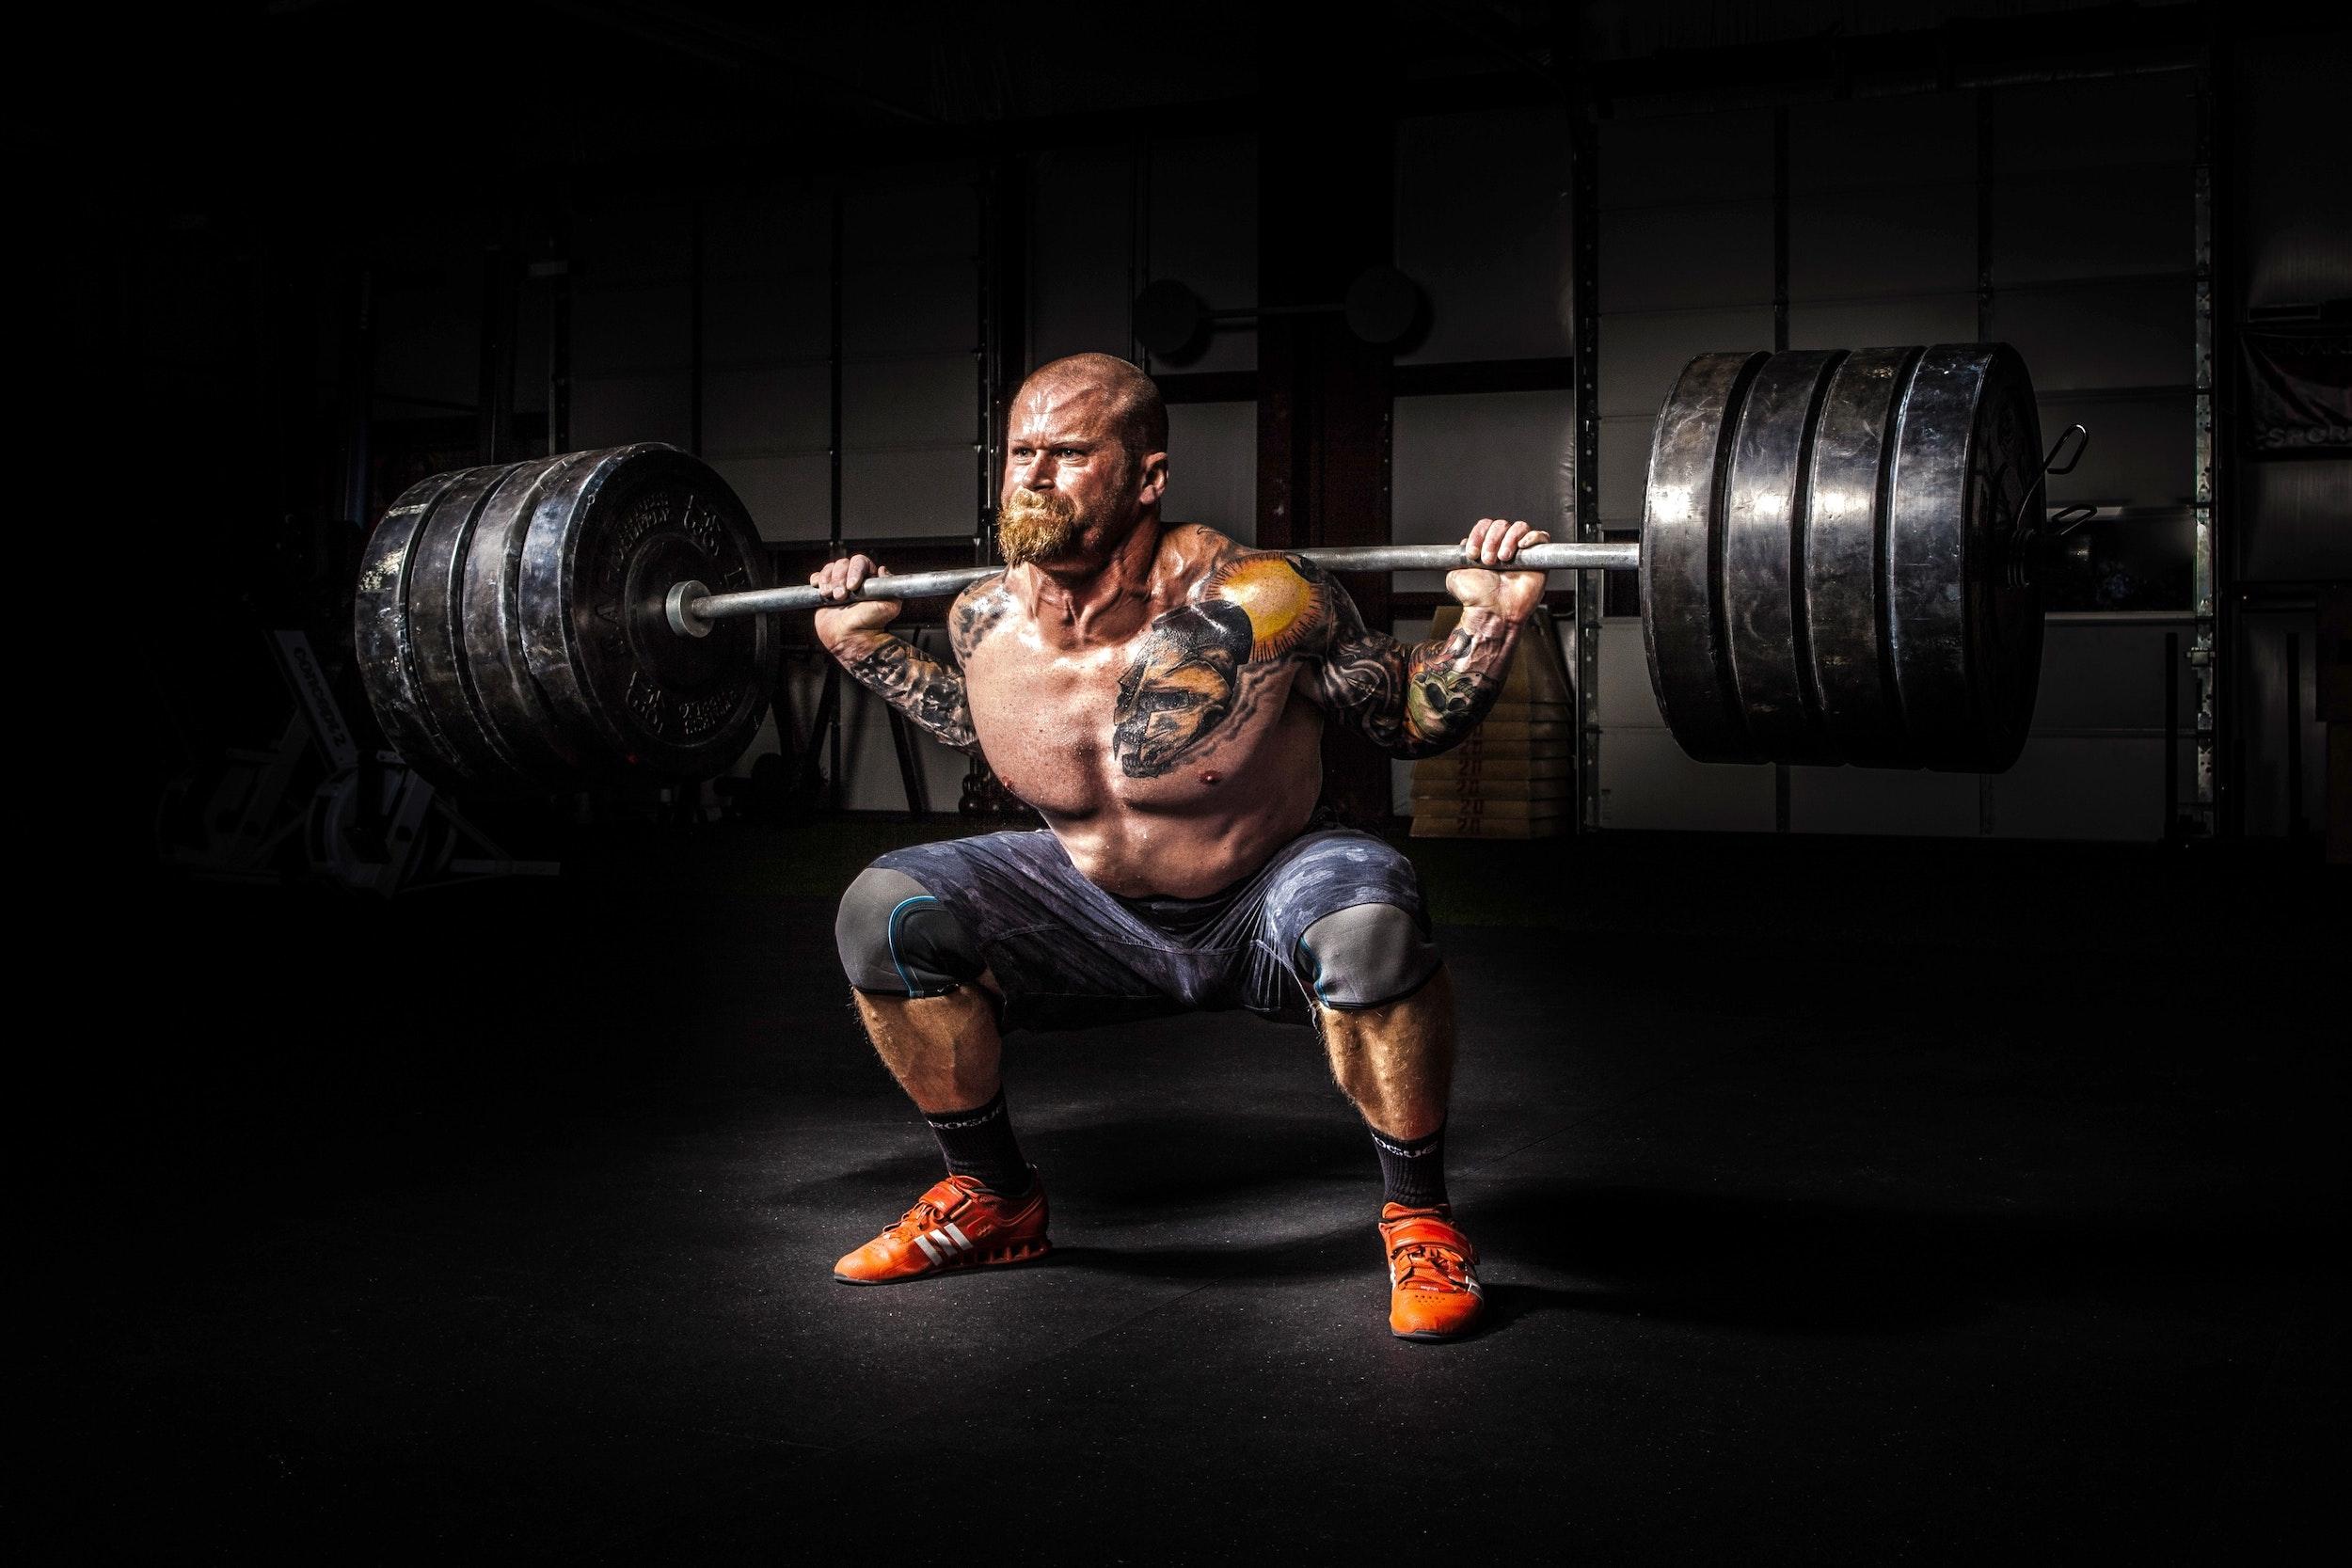 腸腰筋を強くするスクワット4つのポイントを紹介